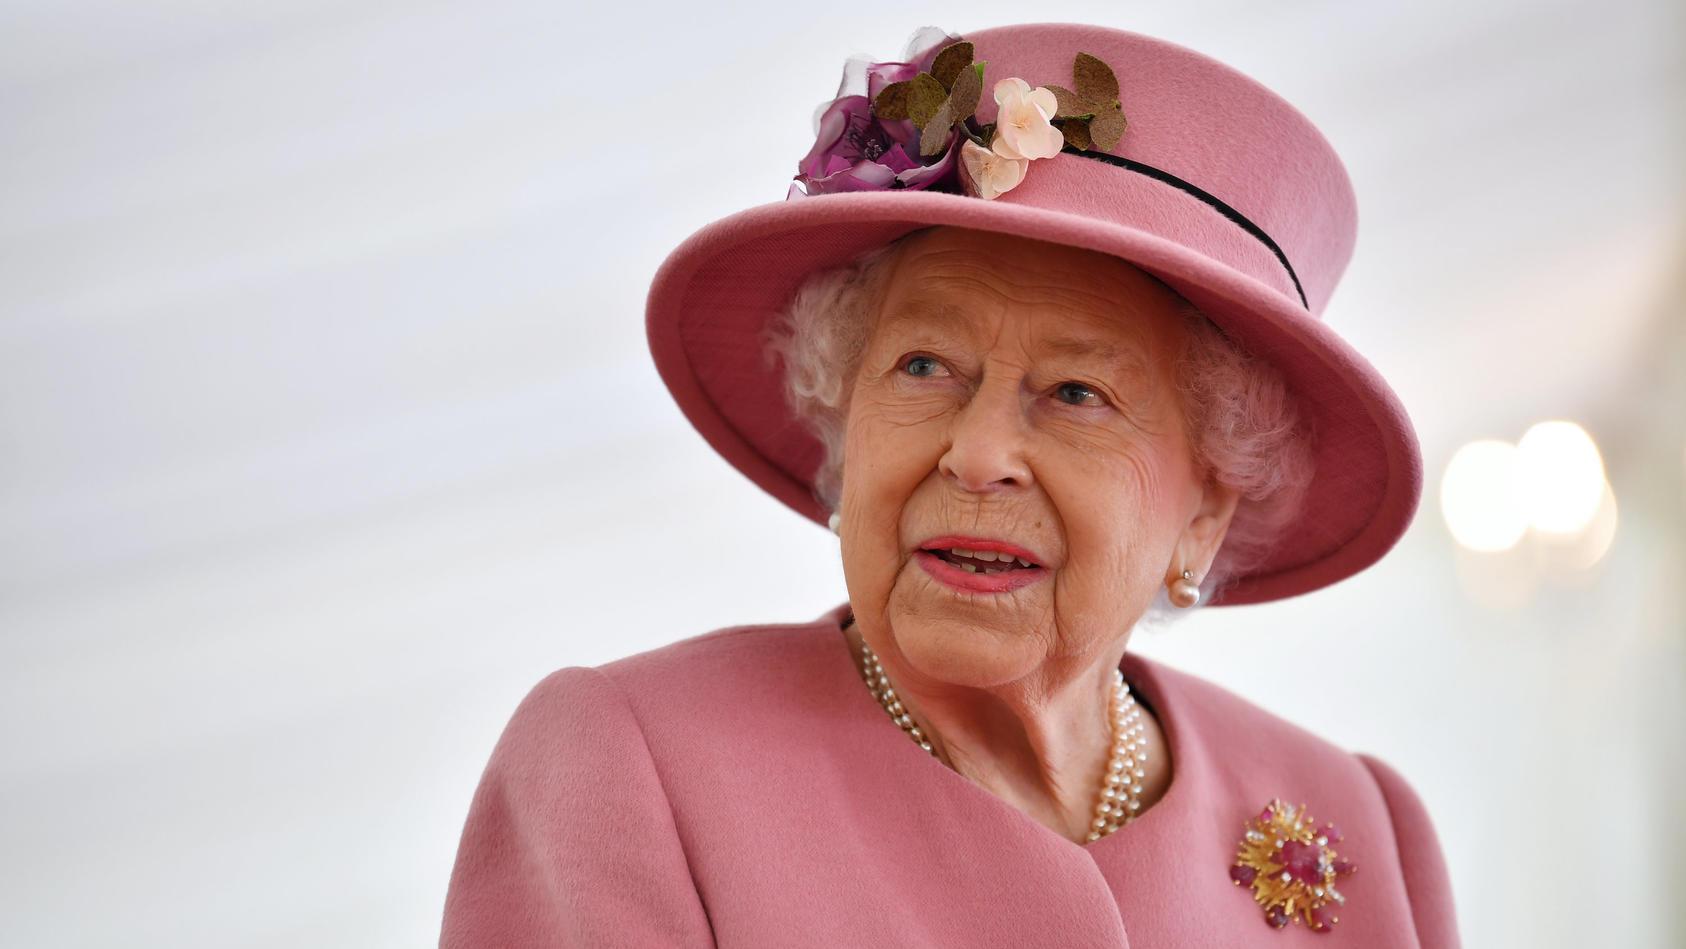 Pferderennen und Pferdezucht gehören zu den größten Leidenschaften der Queen.